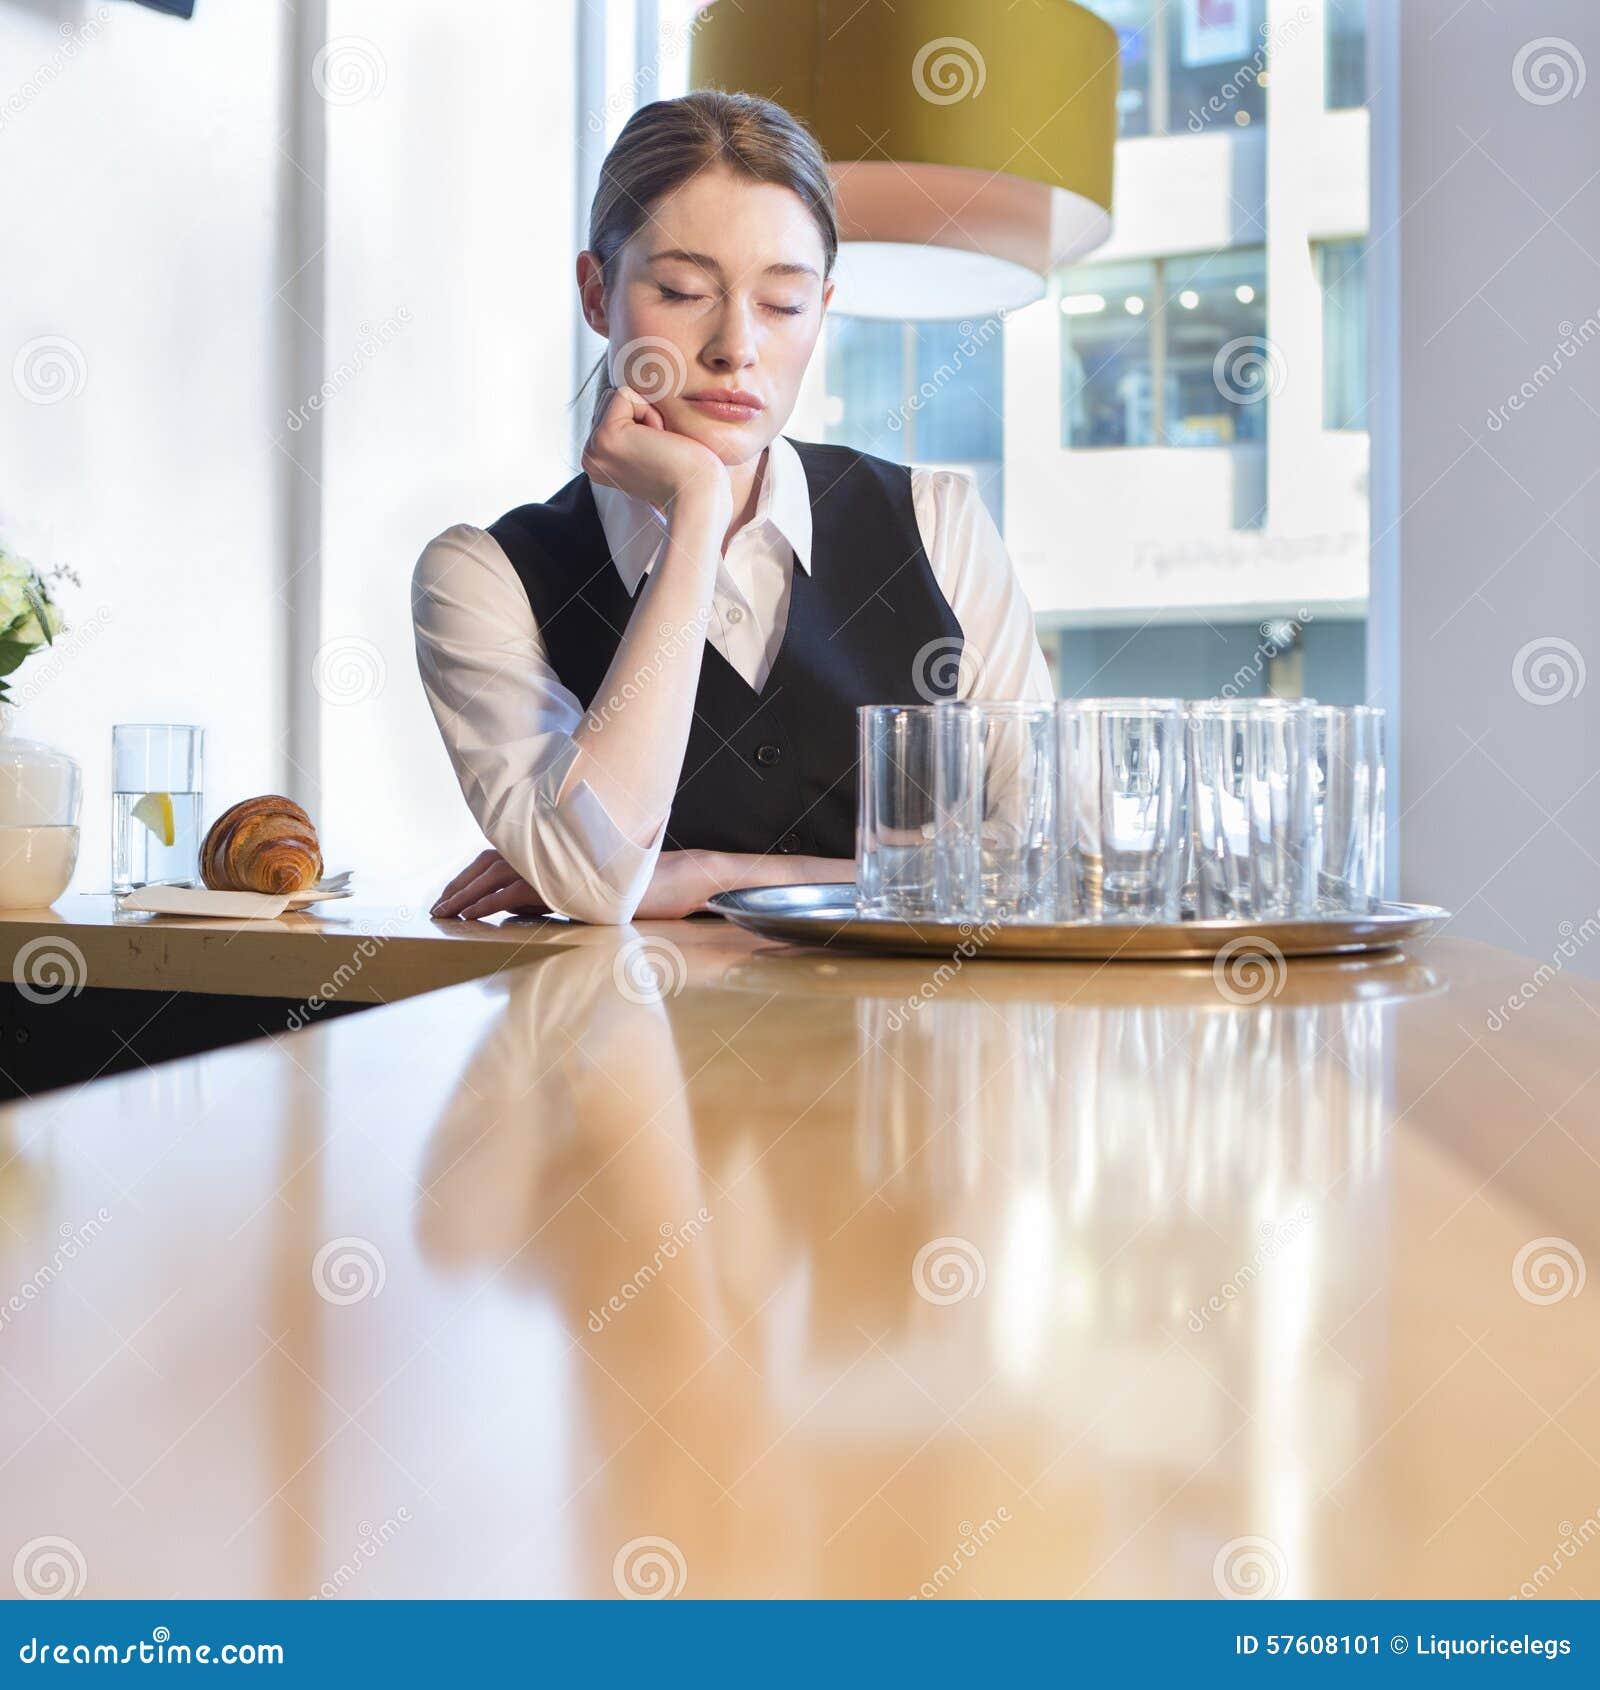 Drity Restaurant Glasses